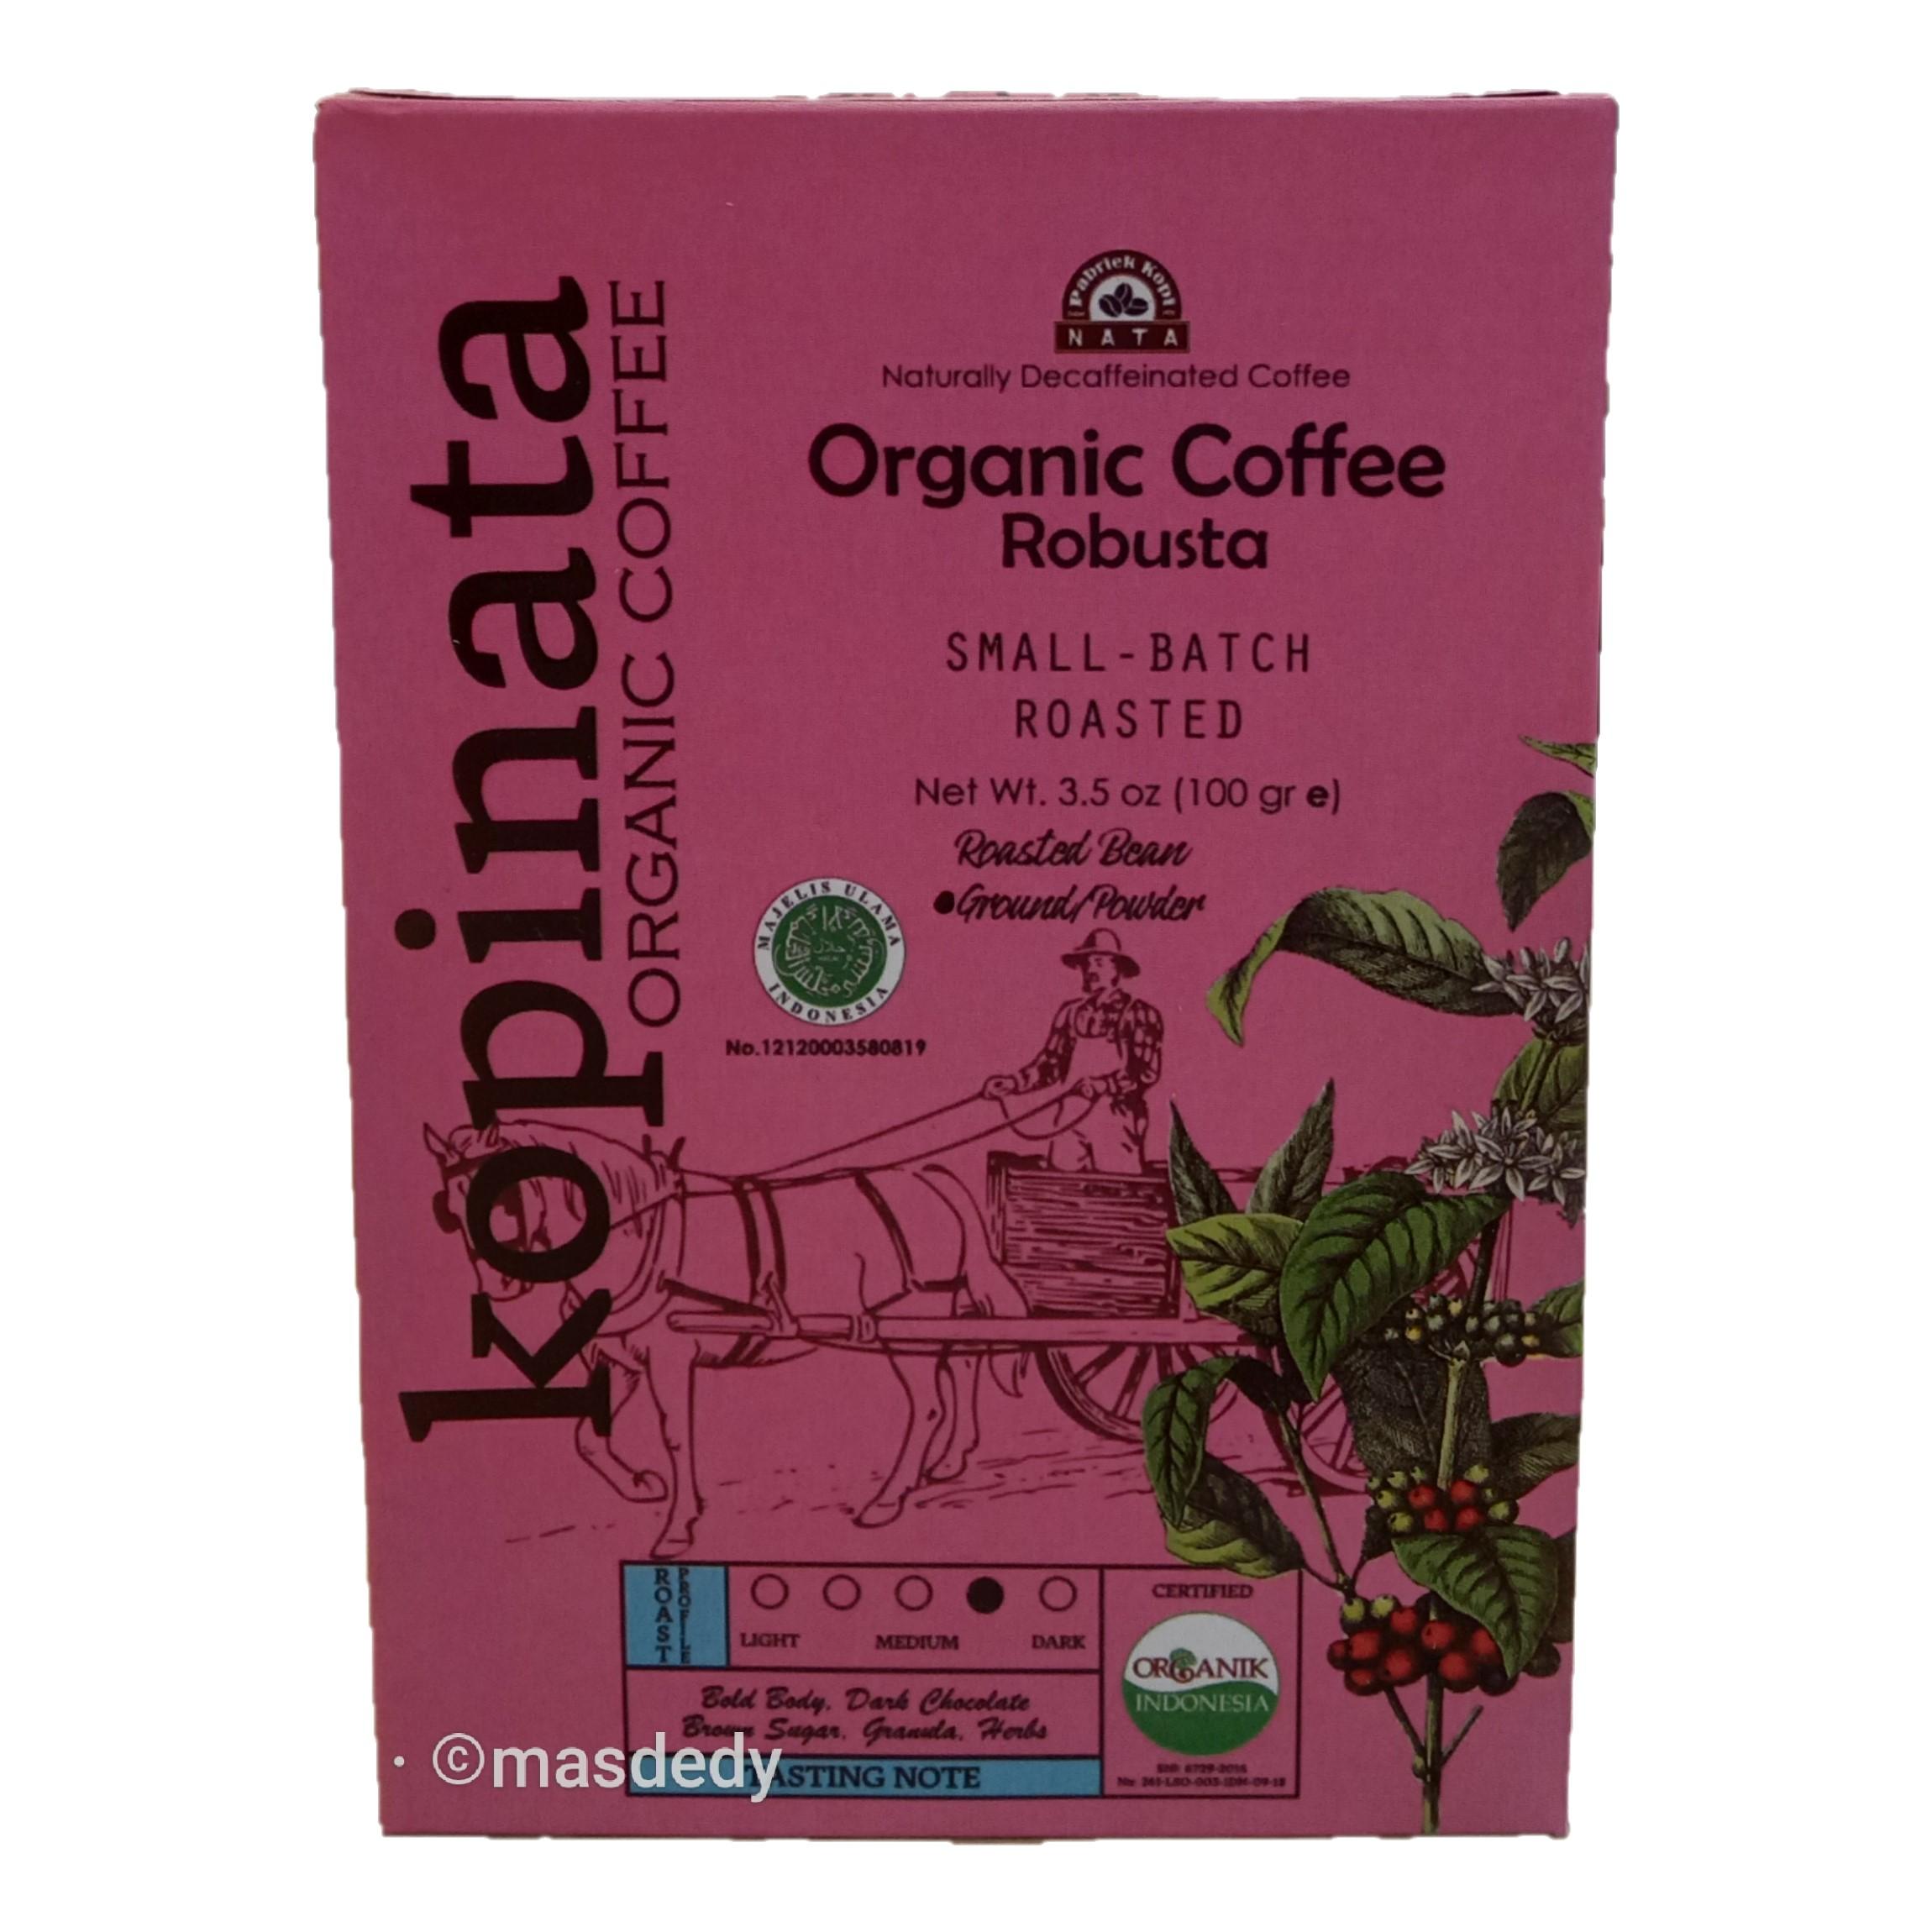 Kopinata Organic Coffee Robusta